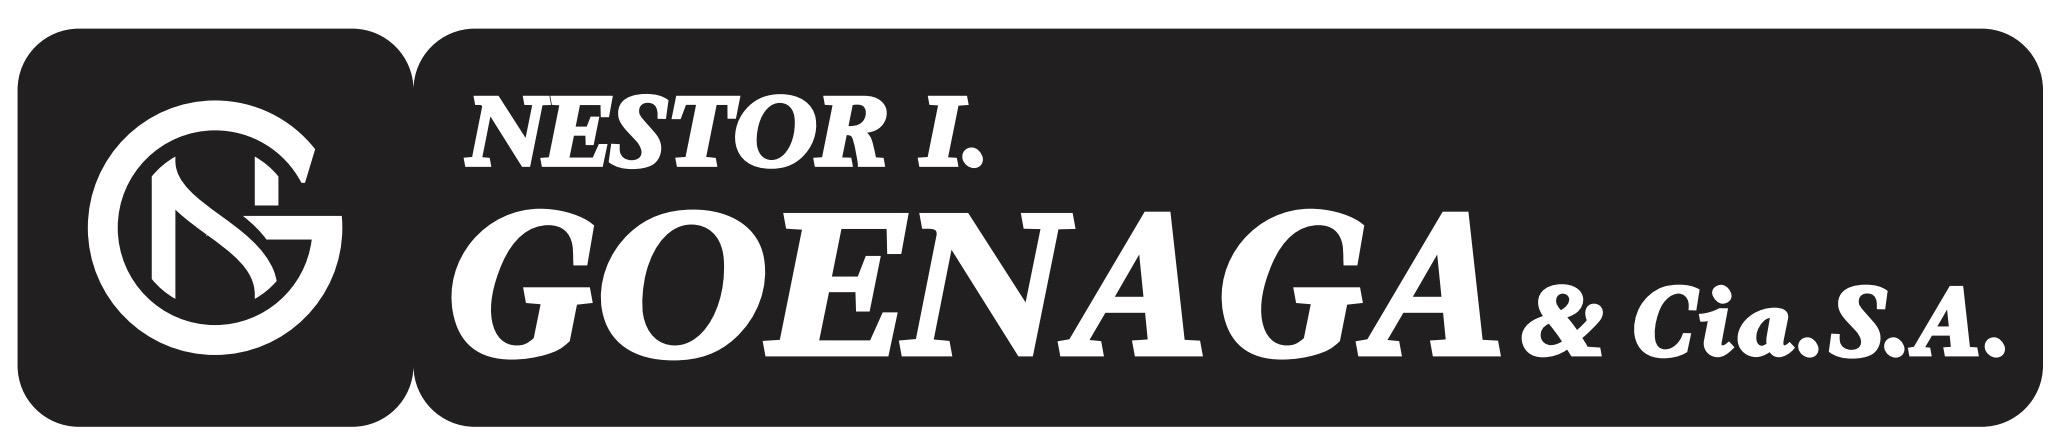 N.I. Goenaga SA